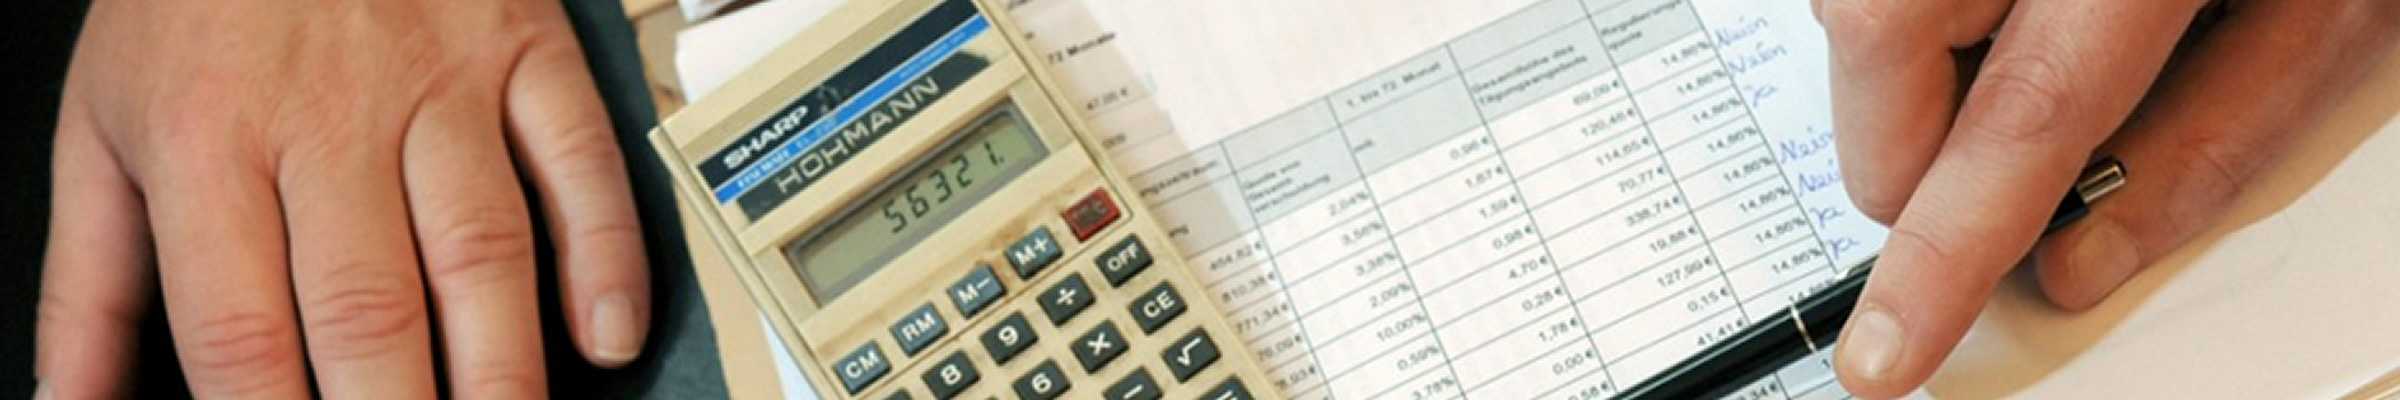 Gemeinschaftswerk mannheim Schuldnerberatung